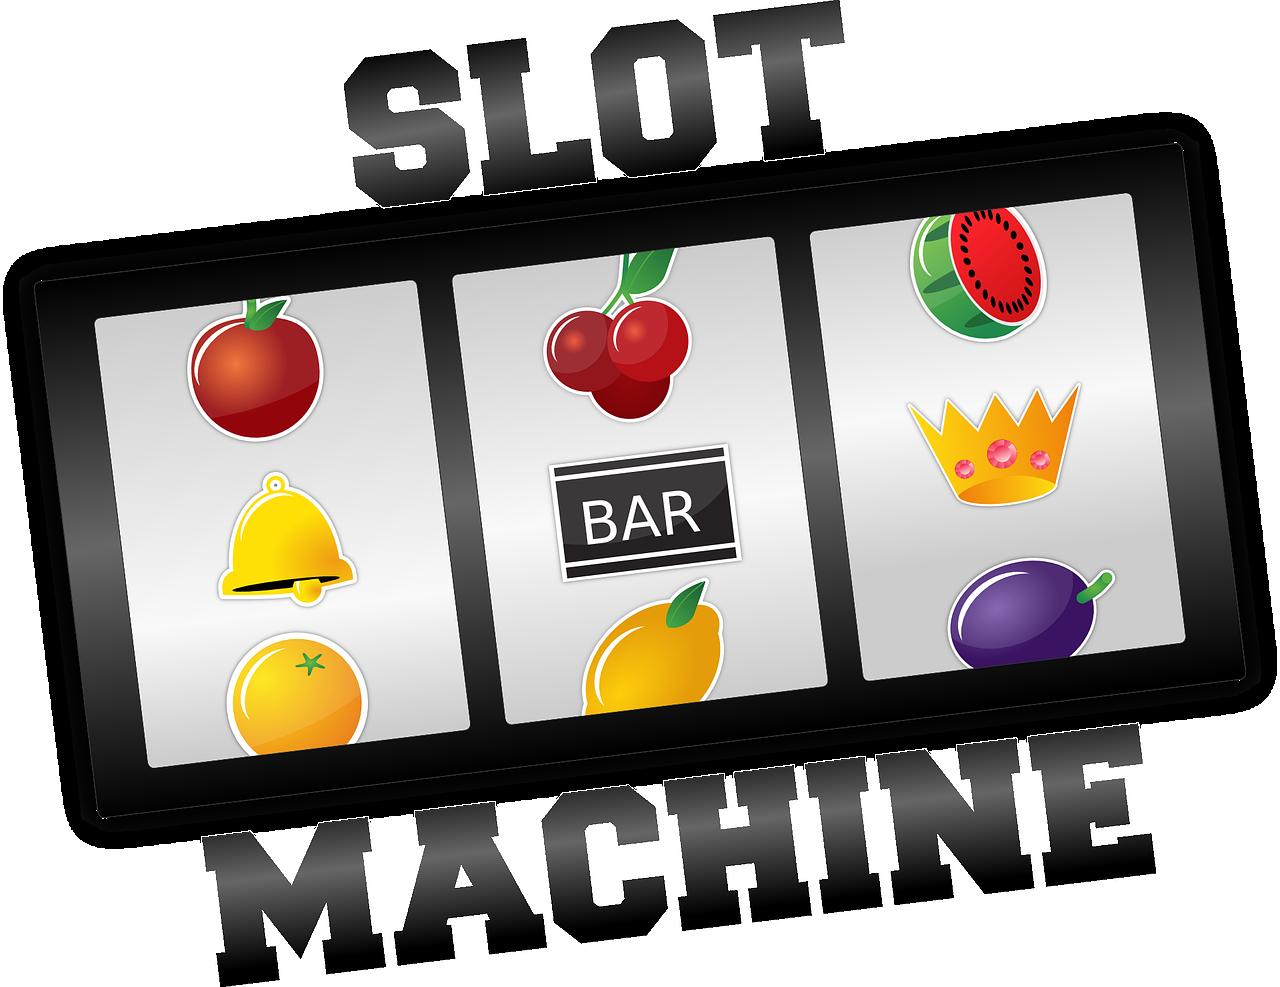 มาดูกันว่า สิ่งที่เพื่อนๆควรรู้ก่อนเล่นเกม สล็อตออนไลน์ – Slot Online มีอะไรบ้าง